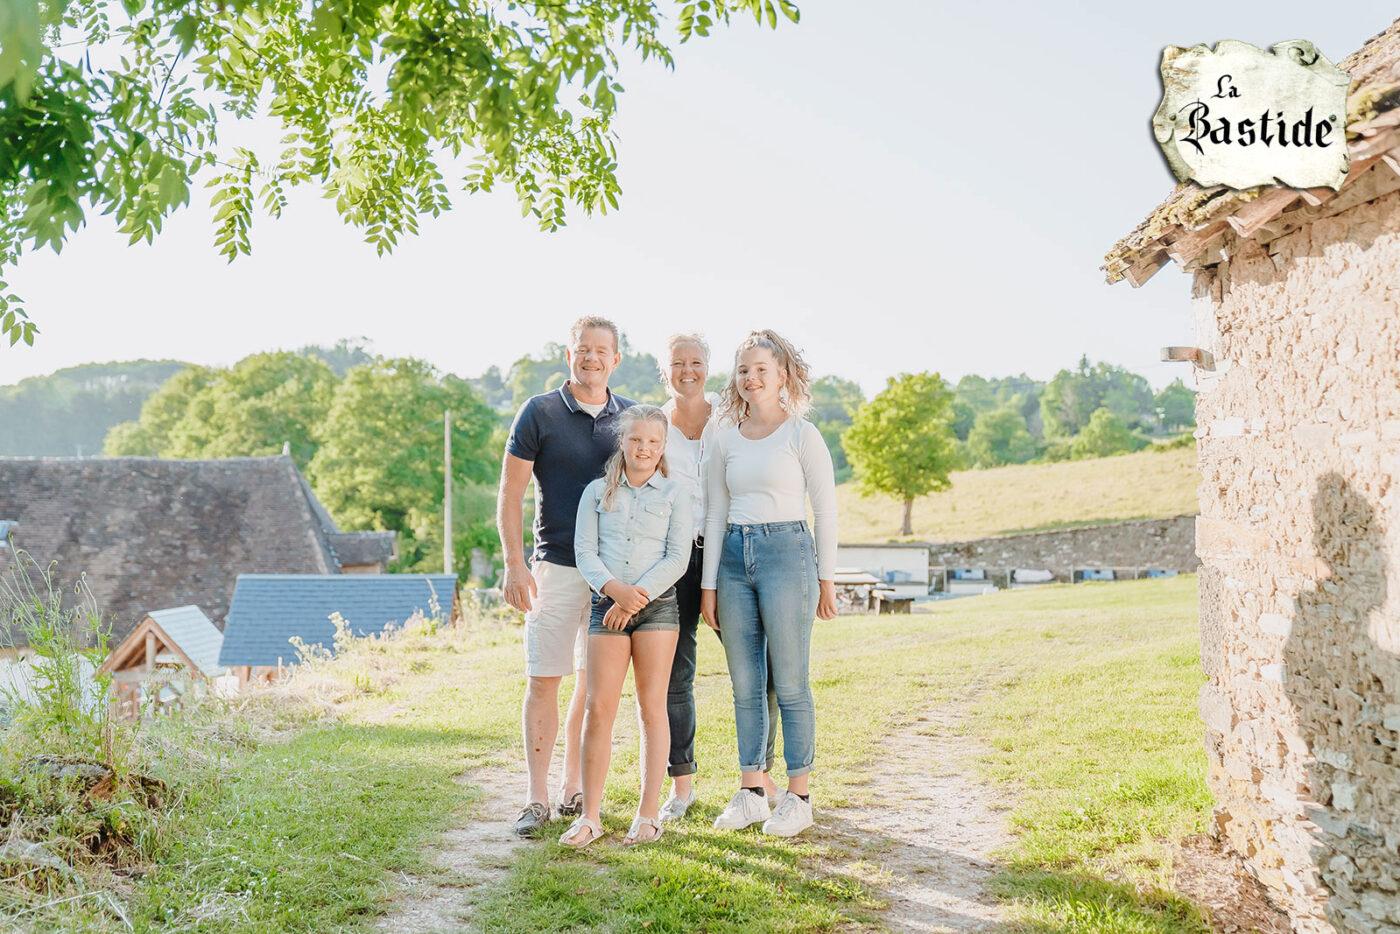 Over ons, de Nederlandse eigenaren van Vakantiedomein La-Bastide